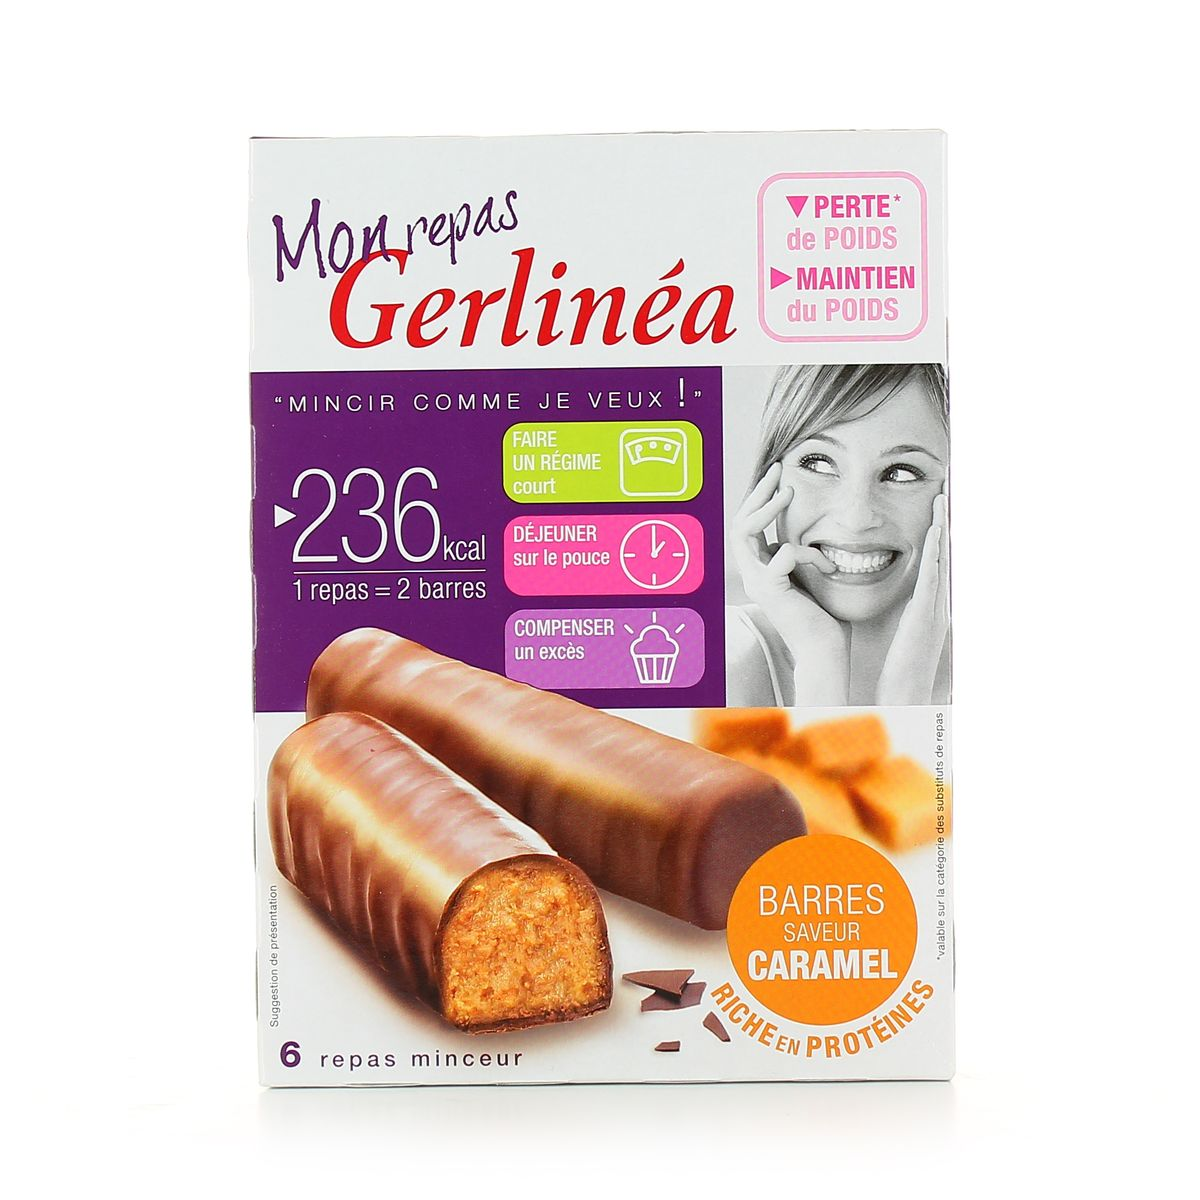 Mon repas Gerlinéa